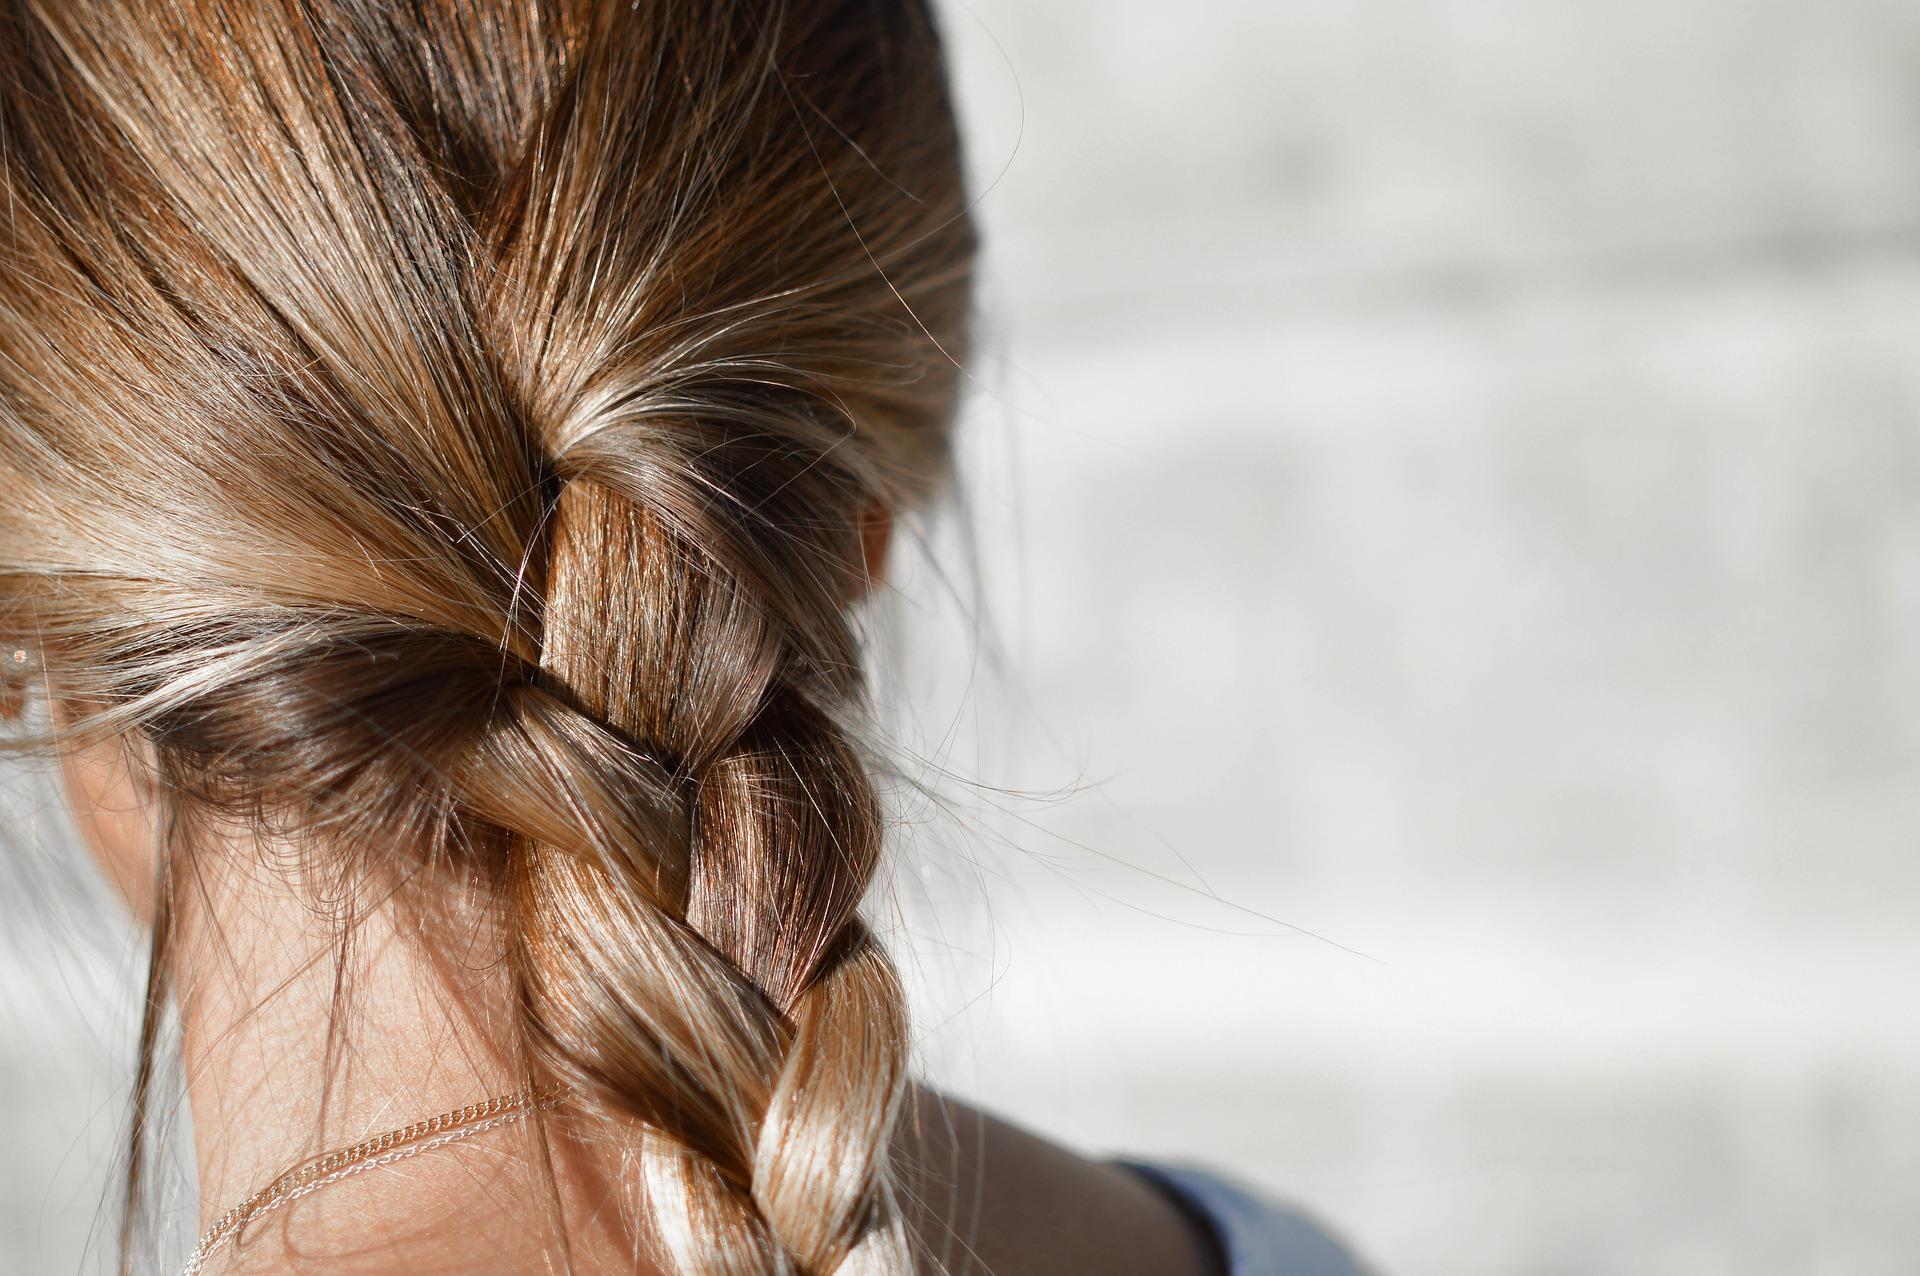 Moringa cheveux aide à nourrir, protéger et faire briller les cheveux secs et fragiles